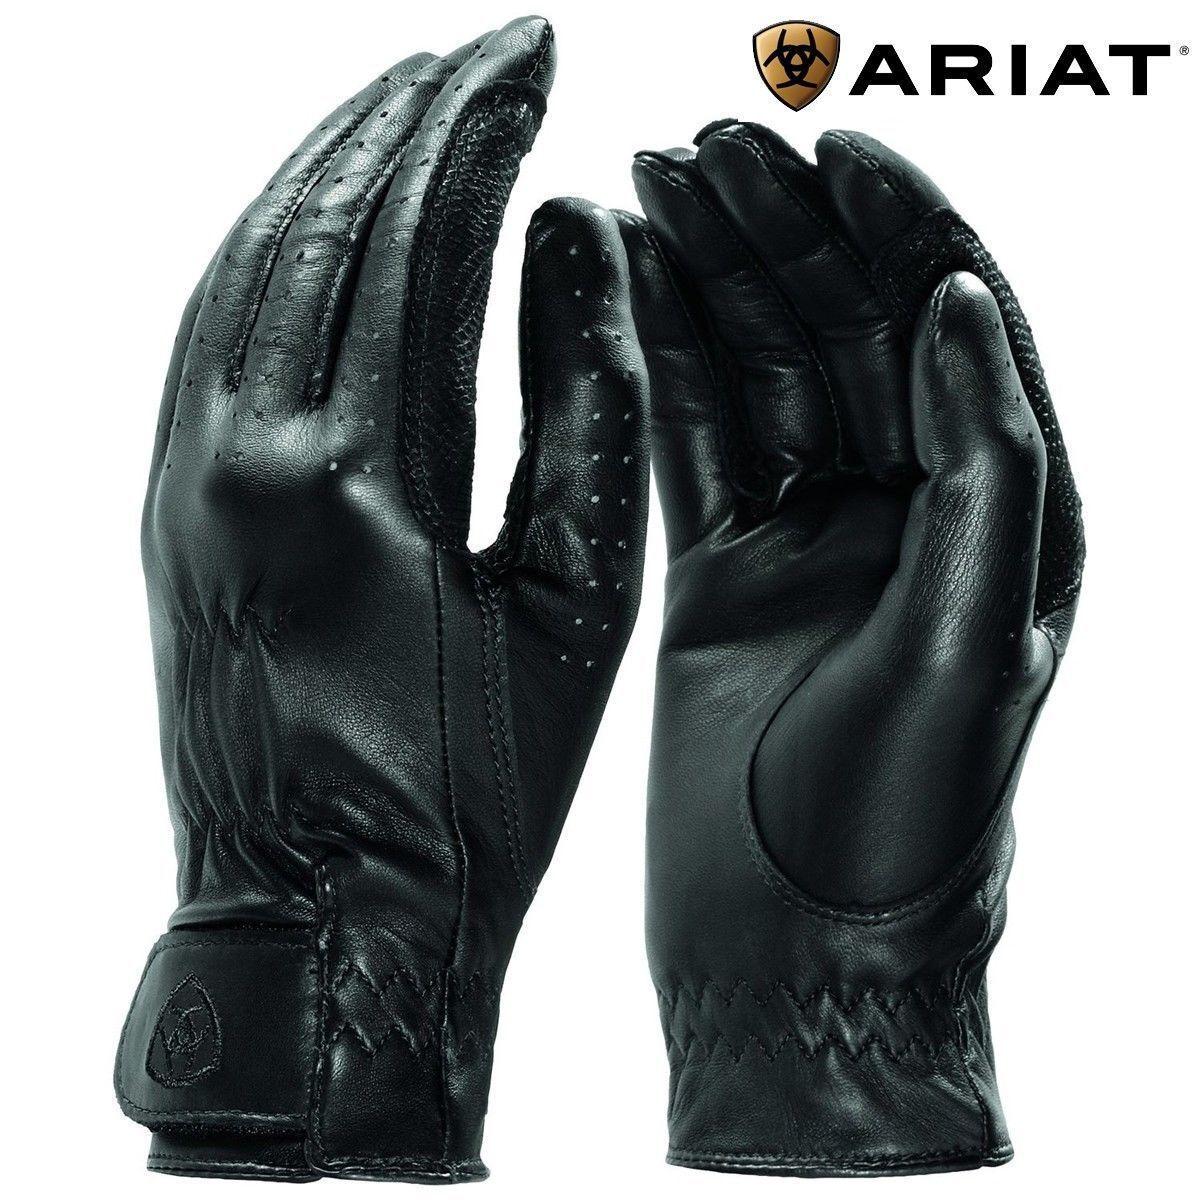 Ariat Pro Grip Guanti in Pelle Nero Taglia 7cm o piccoli Equitazione Show Concorso